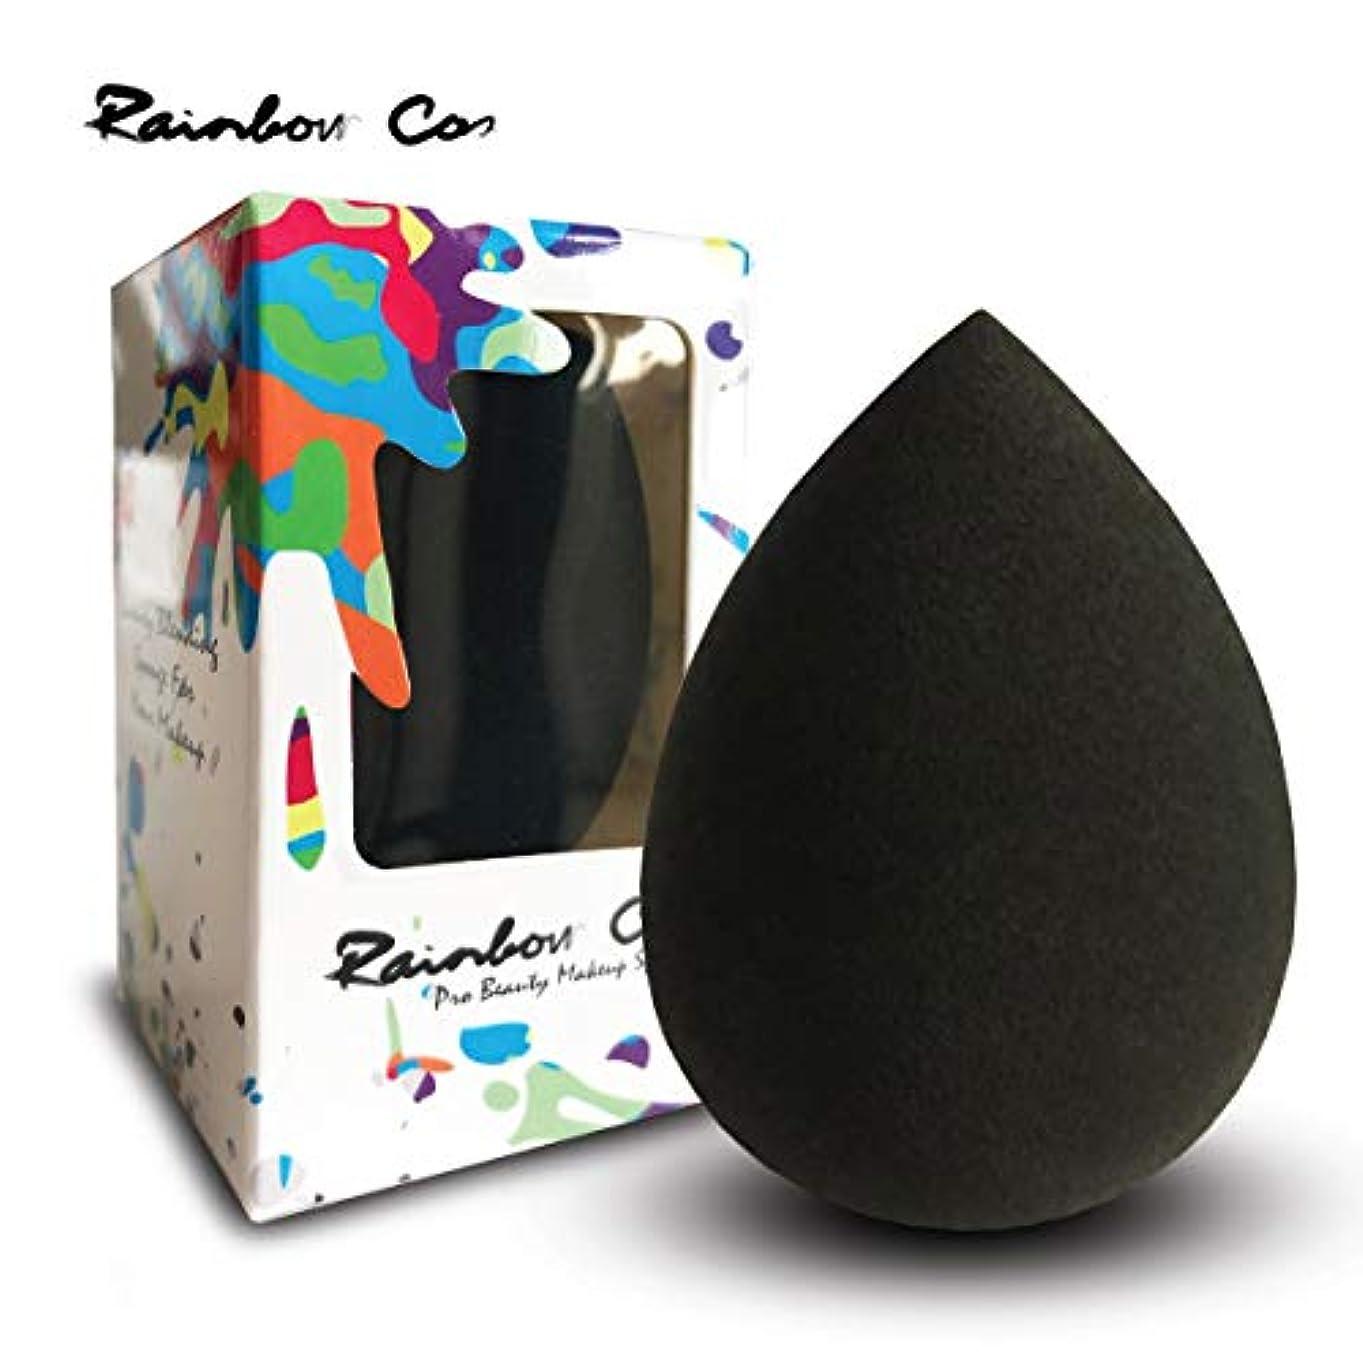 故意の警戒境界Rainbow Cos Premium Pro Makeup Sponge Beauty Foundation Sponge Blender for Applicator, Foundation and Highlight しずく型 メイクスポンジ ファンデーションスポンジ 非ラテックス 乾湿兼用メイクスポンジ